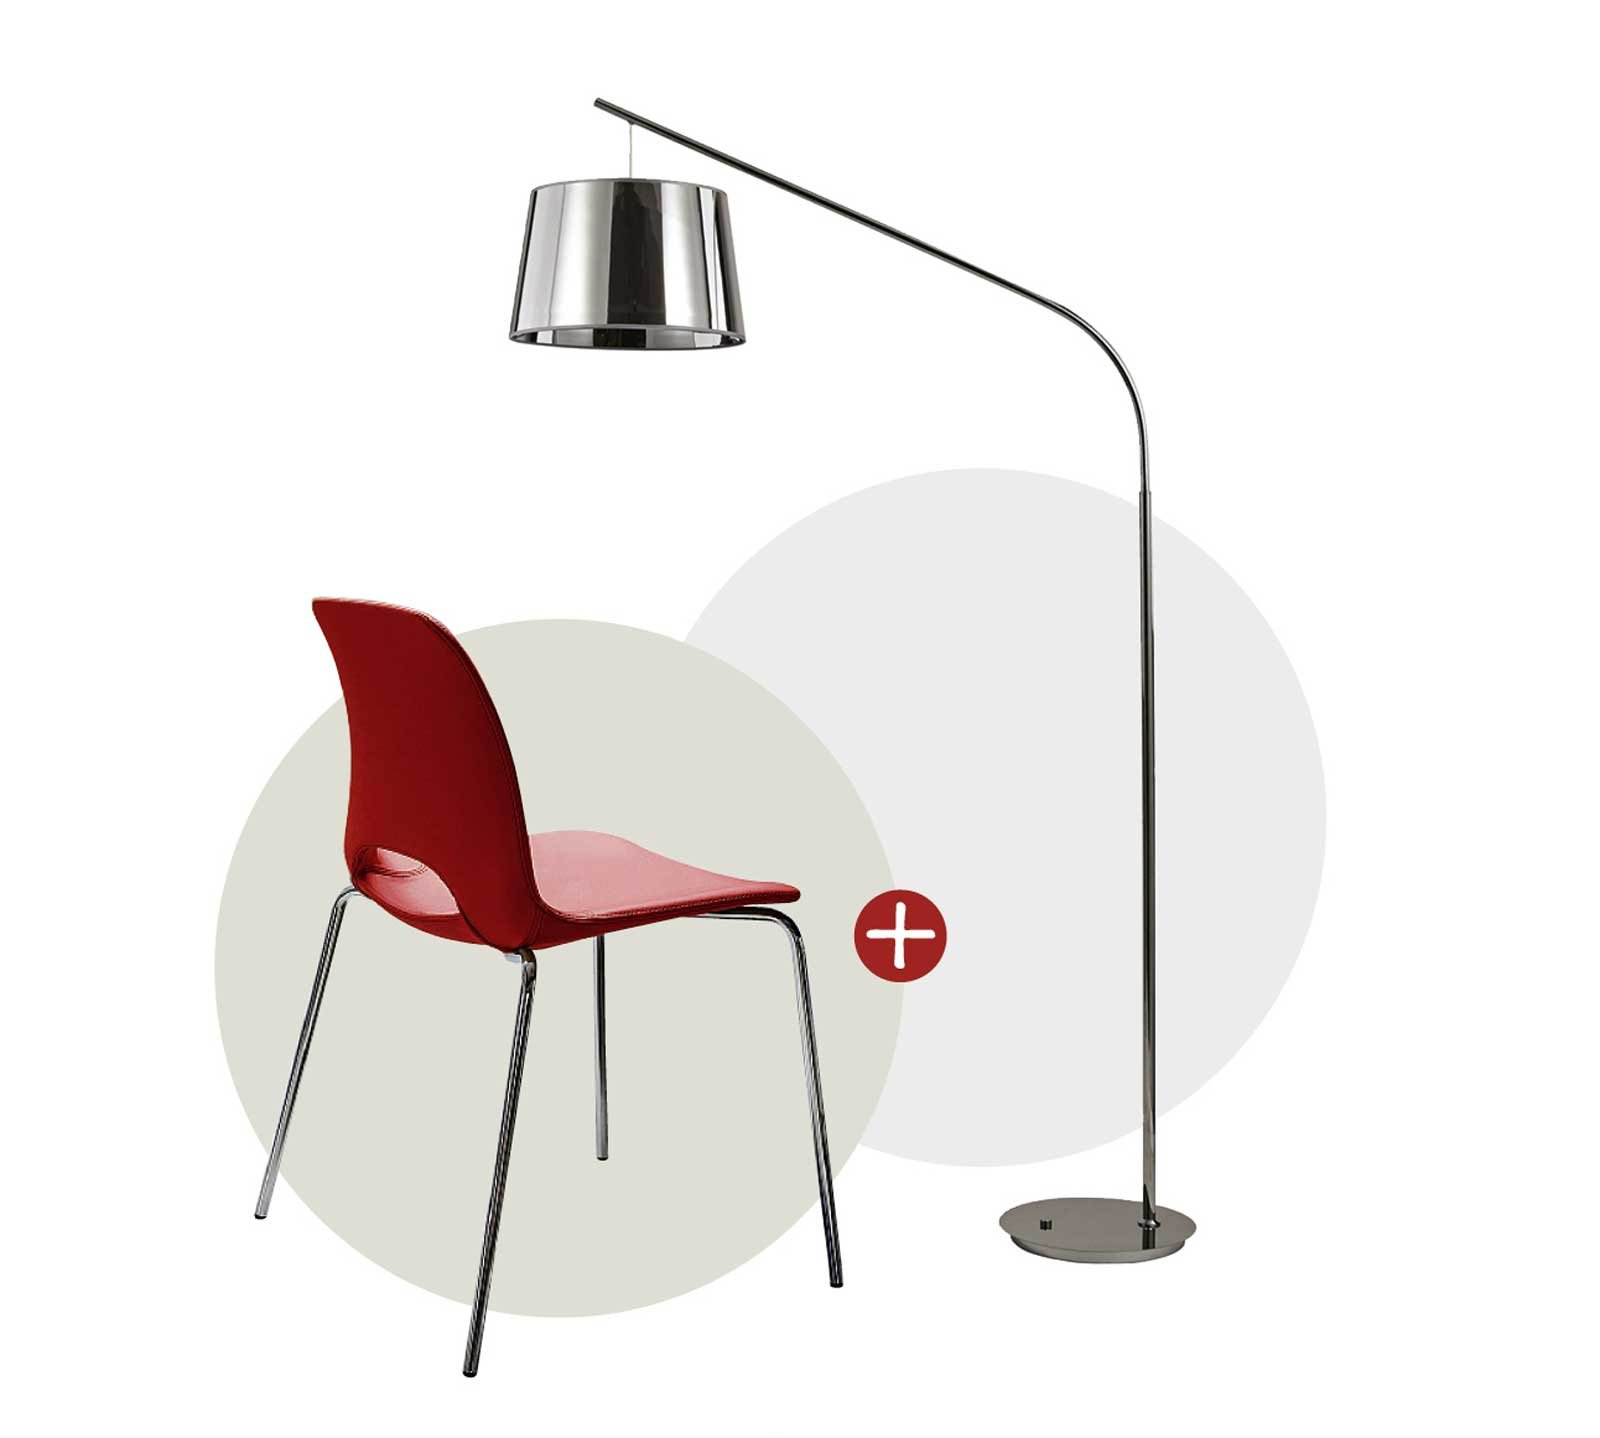 Katia di Riflessi ¨ una sedia super leggera in poliuretano rigido con un apertura nello schienale Misura L 55 x P 51 x H 79 cm □ Daddy